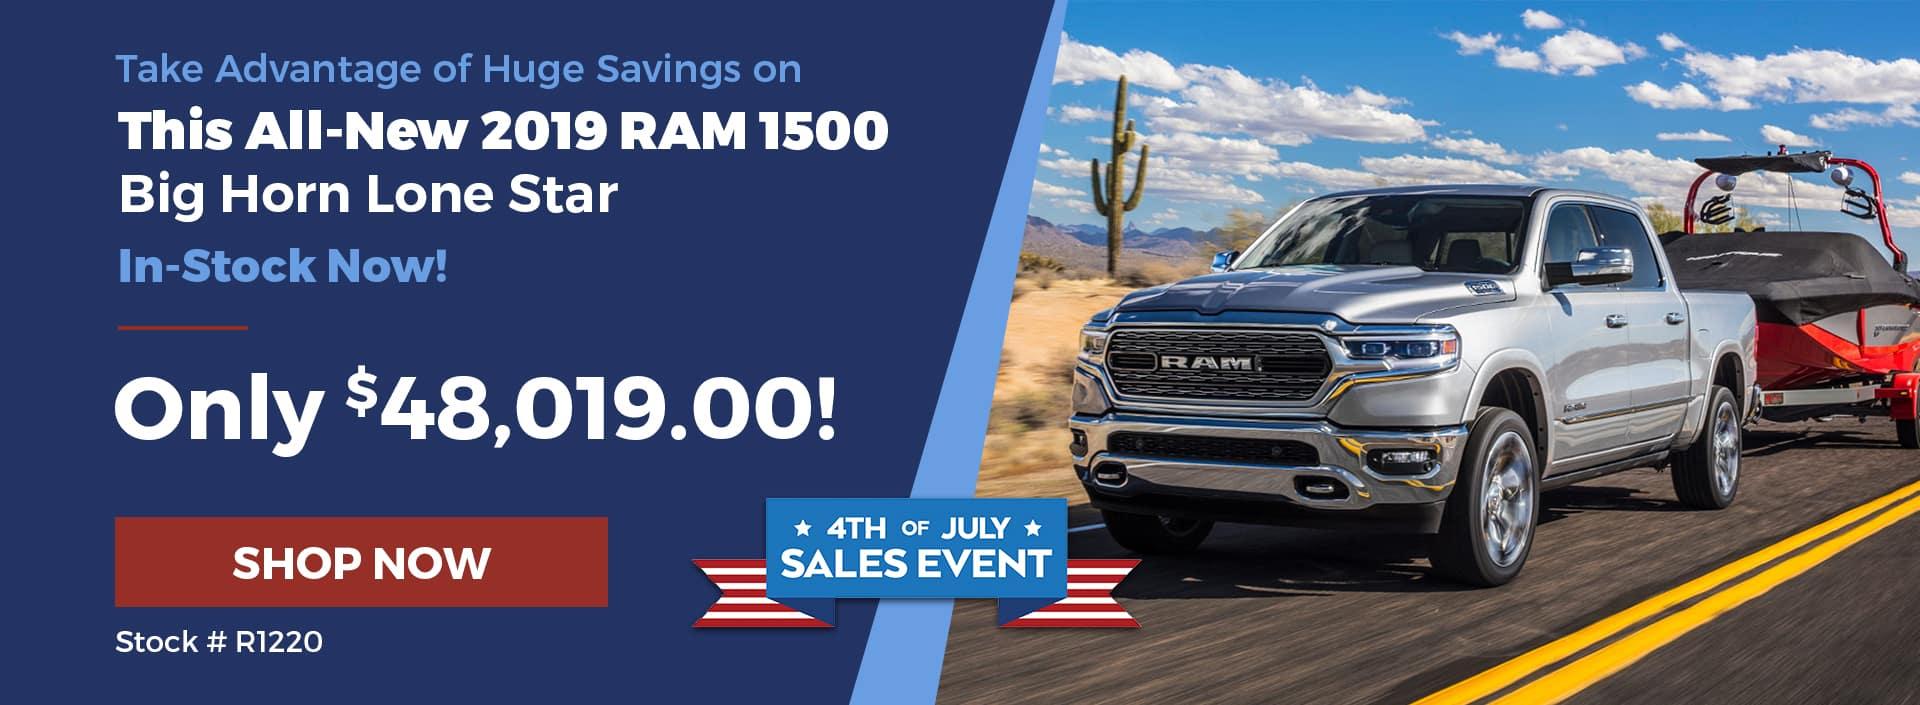 2019 RAM 1500 July 4th Offer